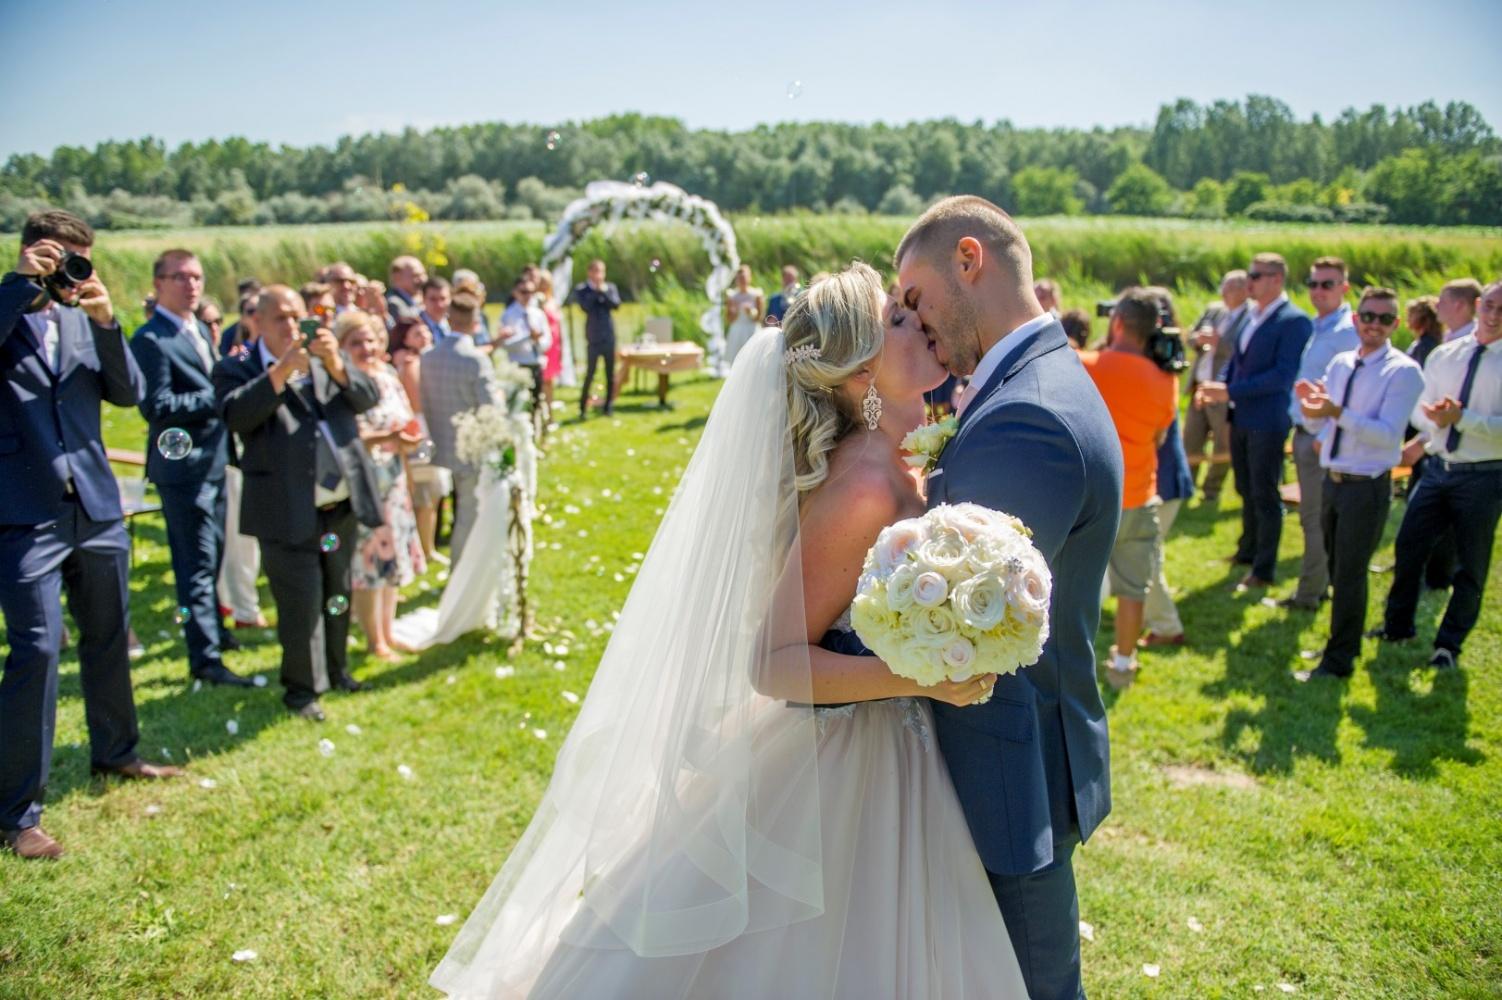 http://www.fotoz.sk/images/gallery-22/normal/eskuvoi-fotos_svadobny-fotograf_446.jpg